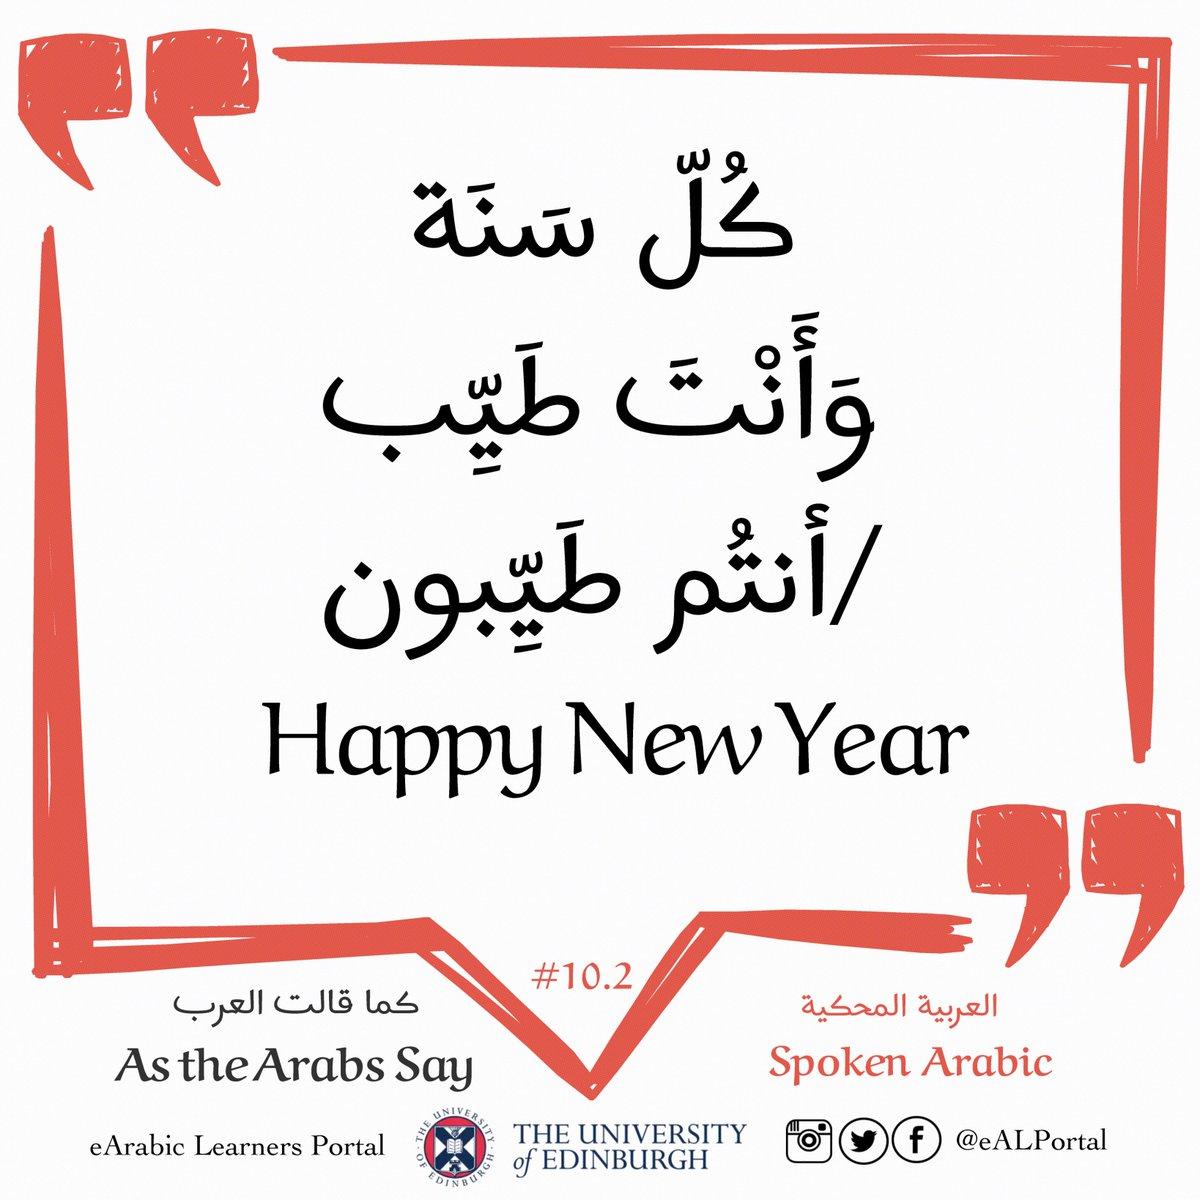 eArabic Learners Portal 🌍 on Twitter: \